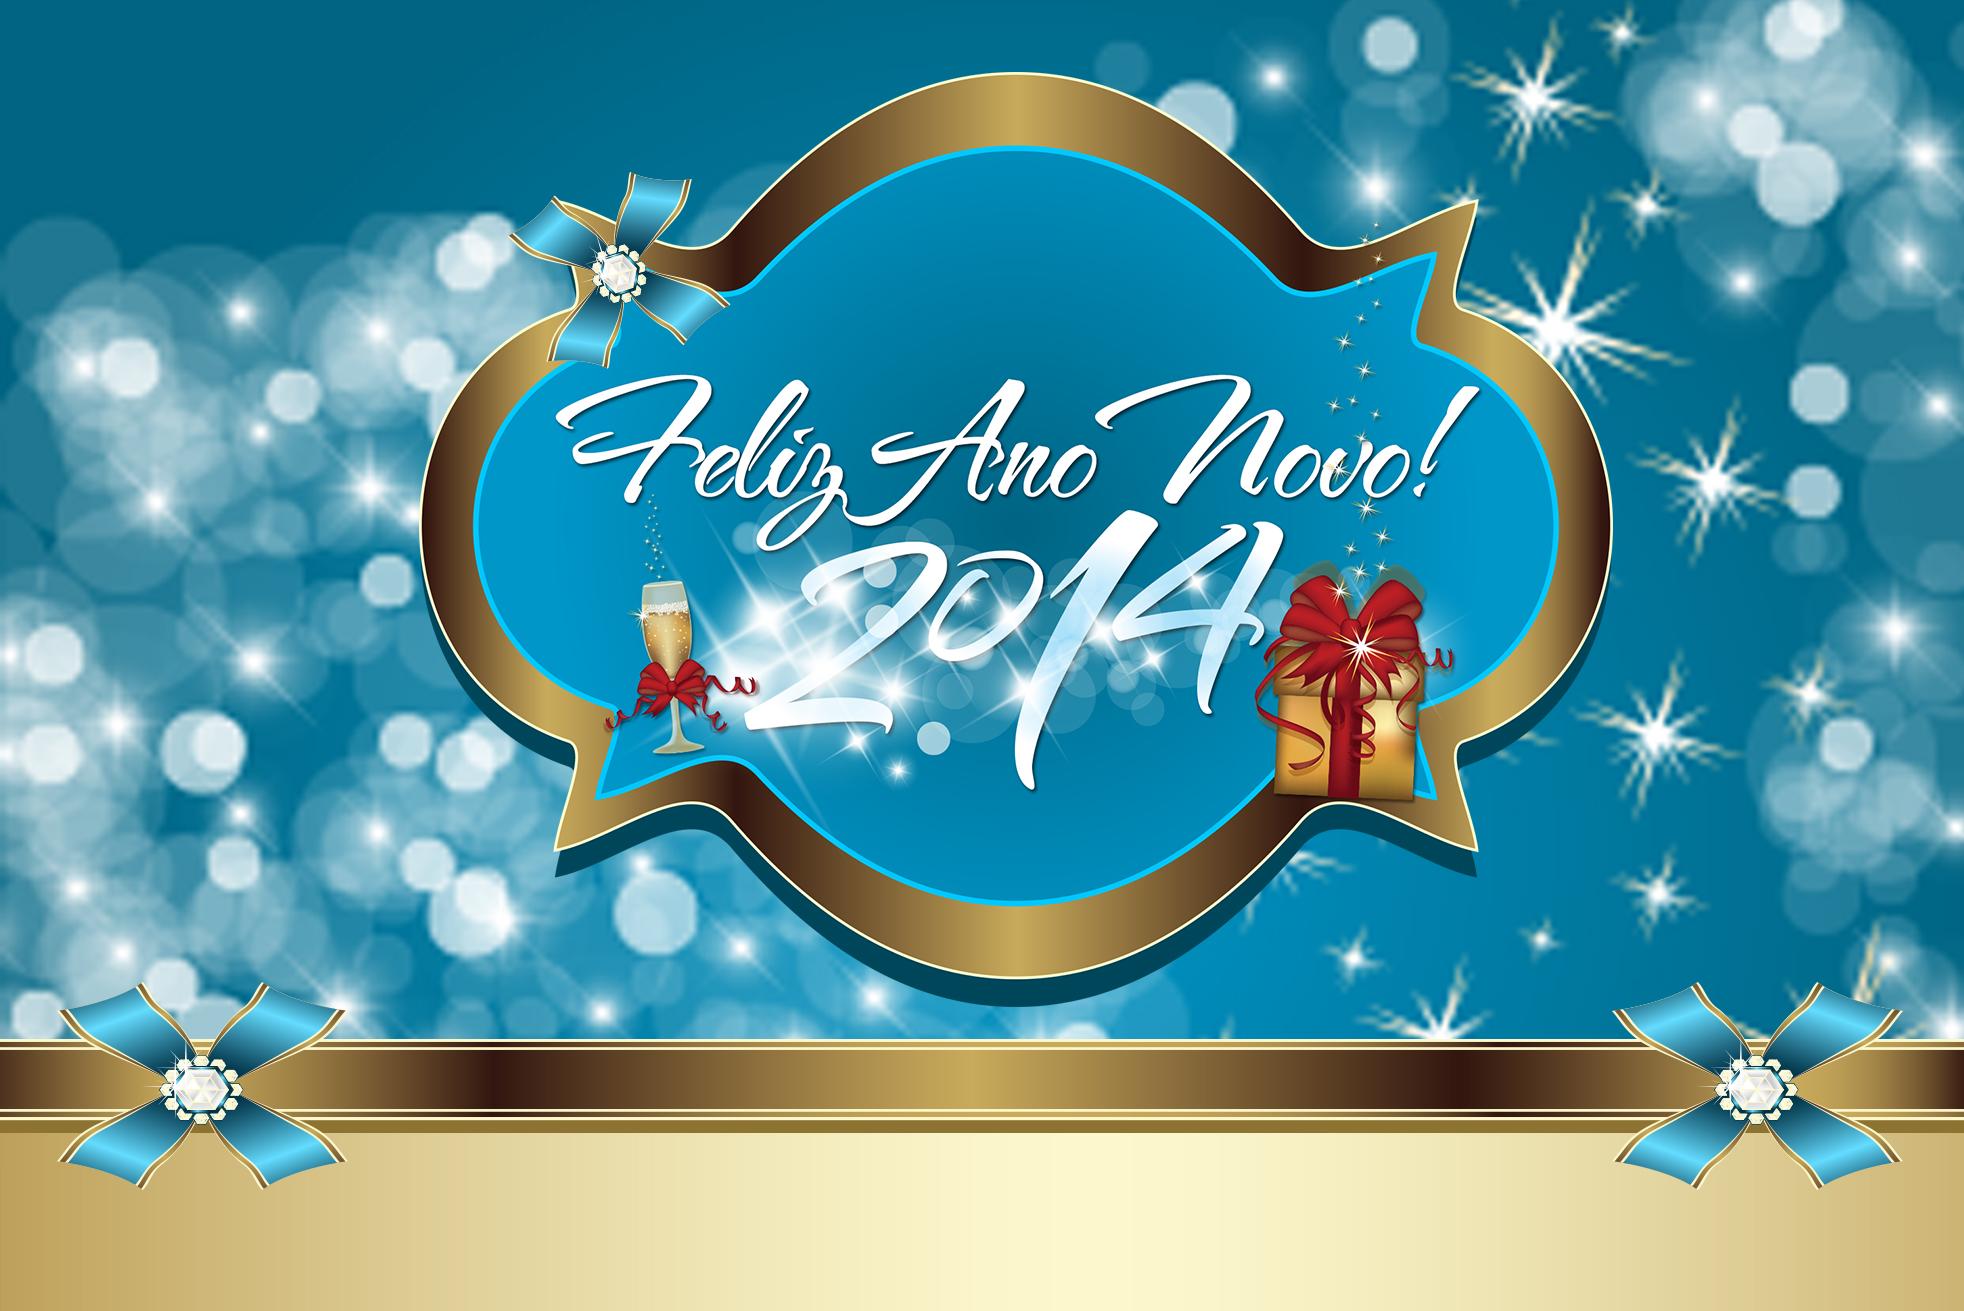 Festinha de ano novo vira suruba - 4 10